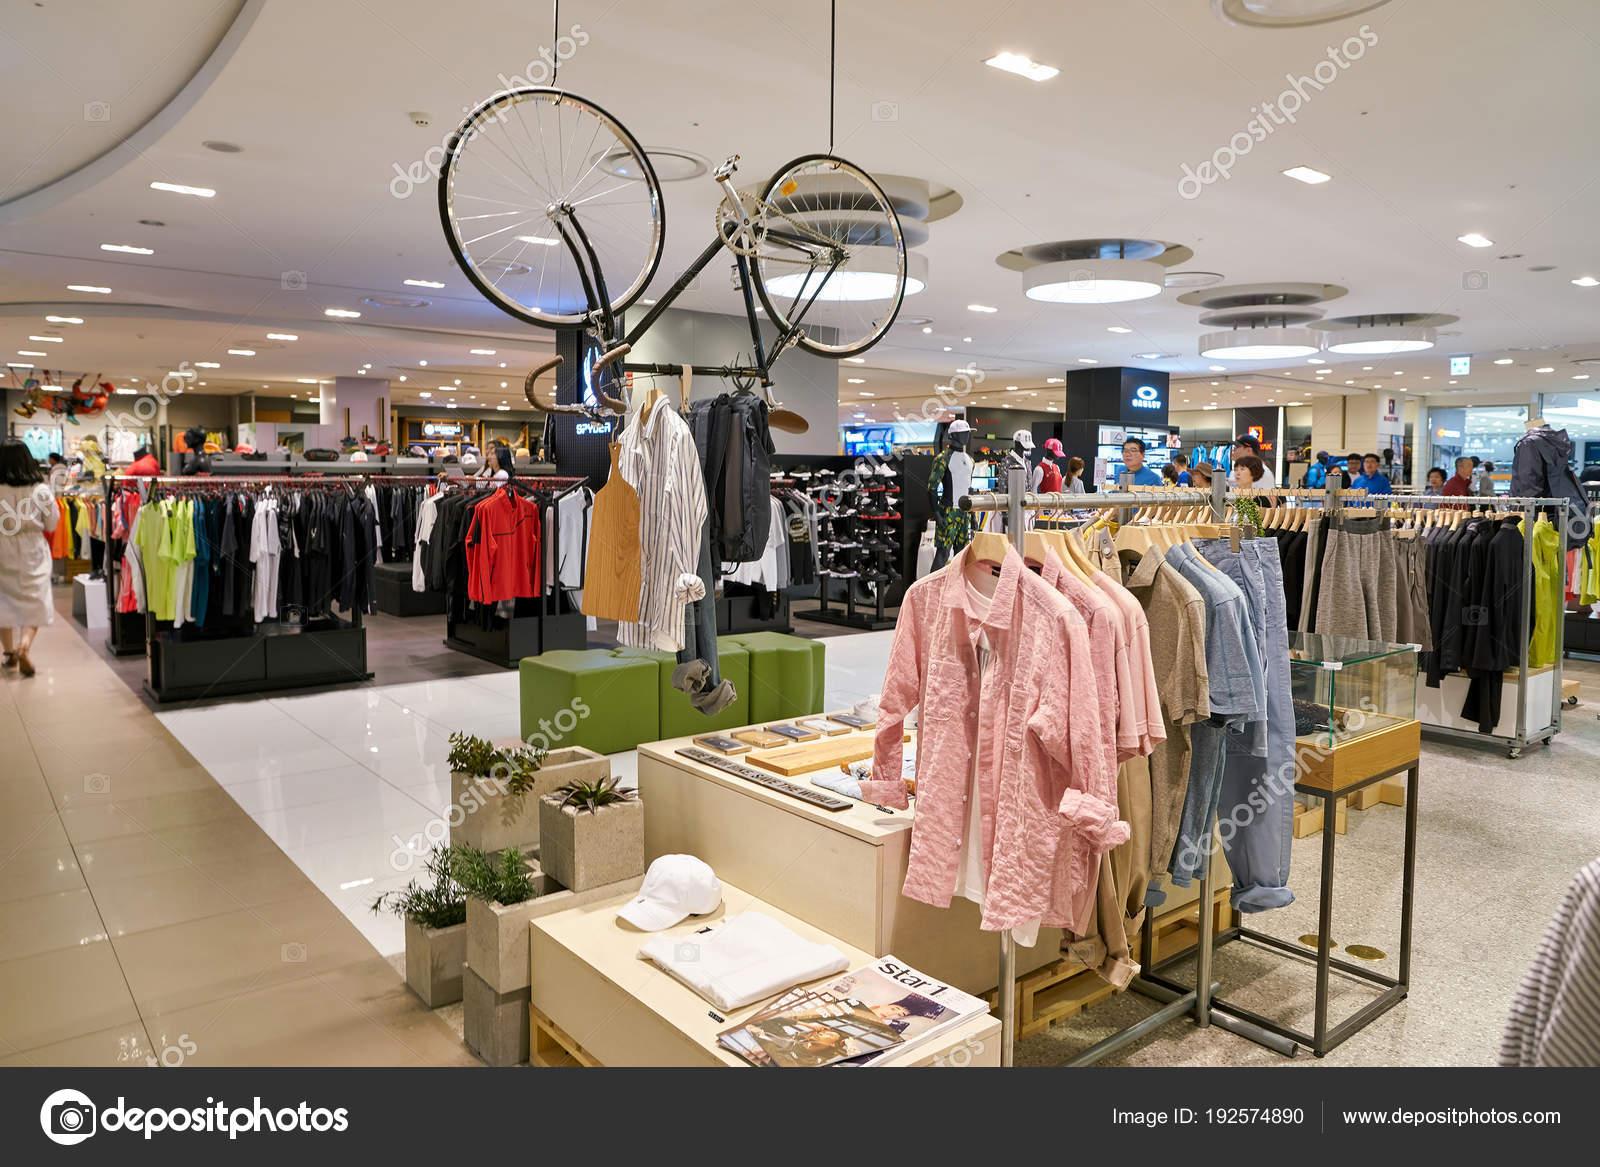 0d85466ca930 Jižní Korea Pusan Května 2017 Obchod Oblečením Lotte Department Store — Stock  fotografie